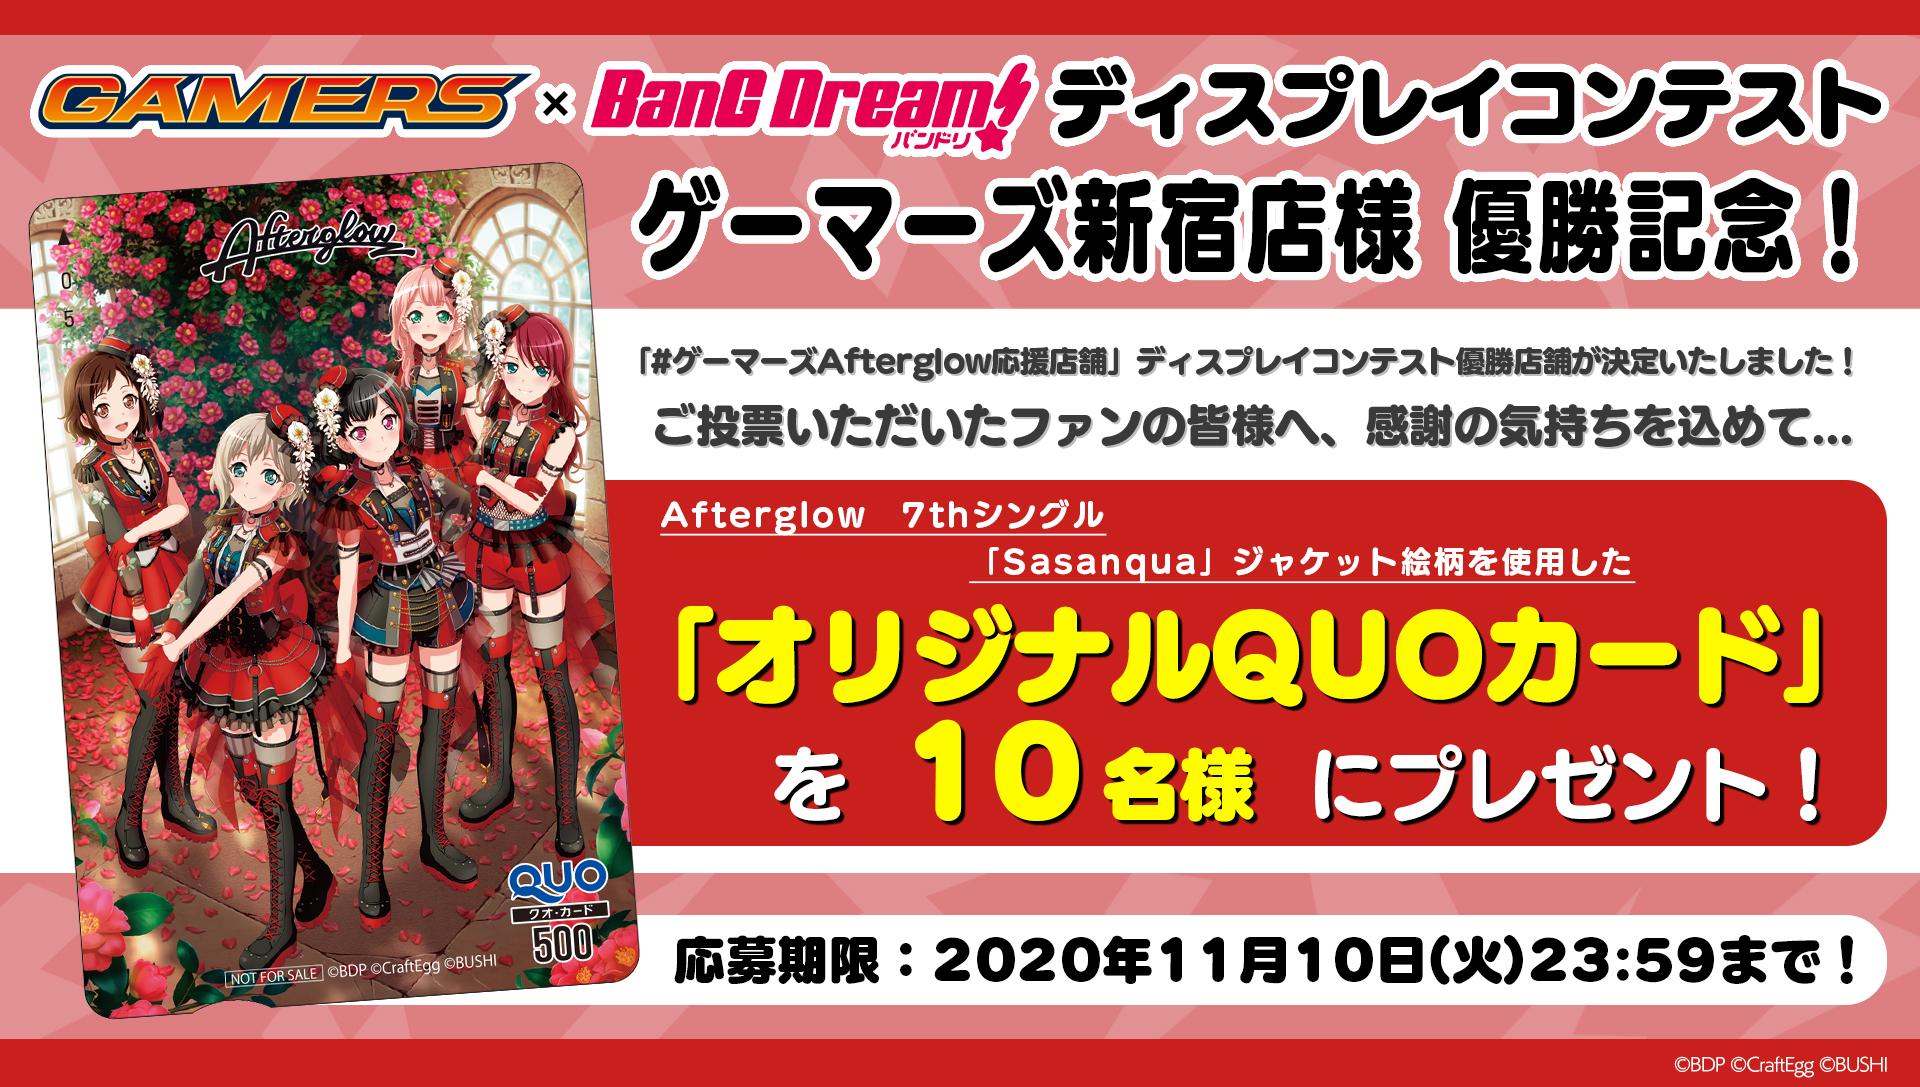 ゲーマーズ×BanG Dream!ディスプレイコンテスト ゲーマーズ新宿店優勝記念!Wフォロー&RTキャンペーン開催